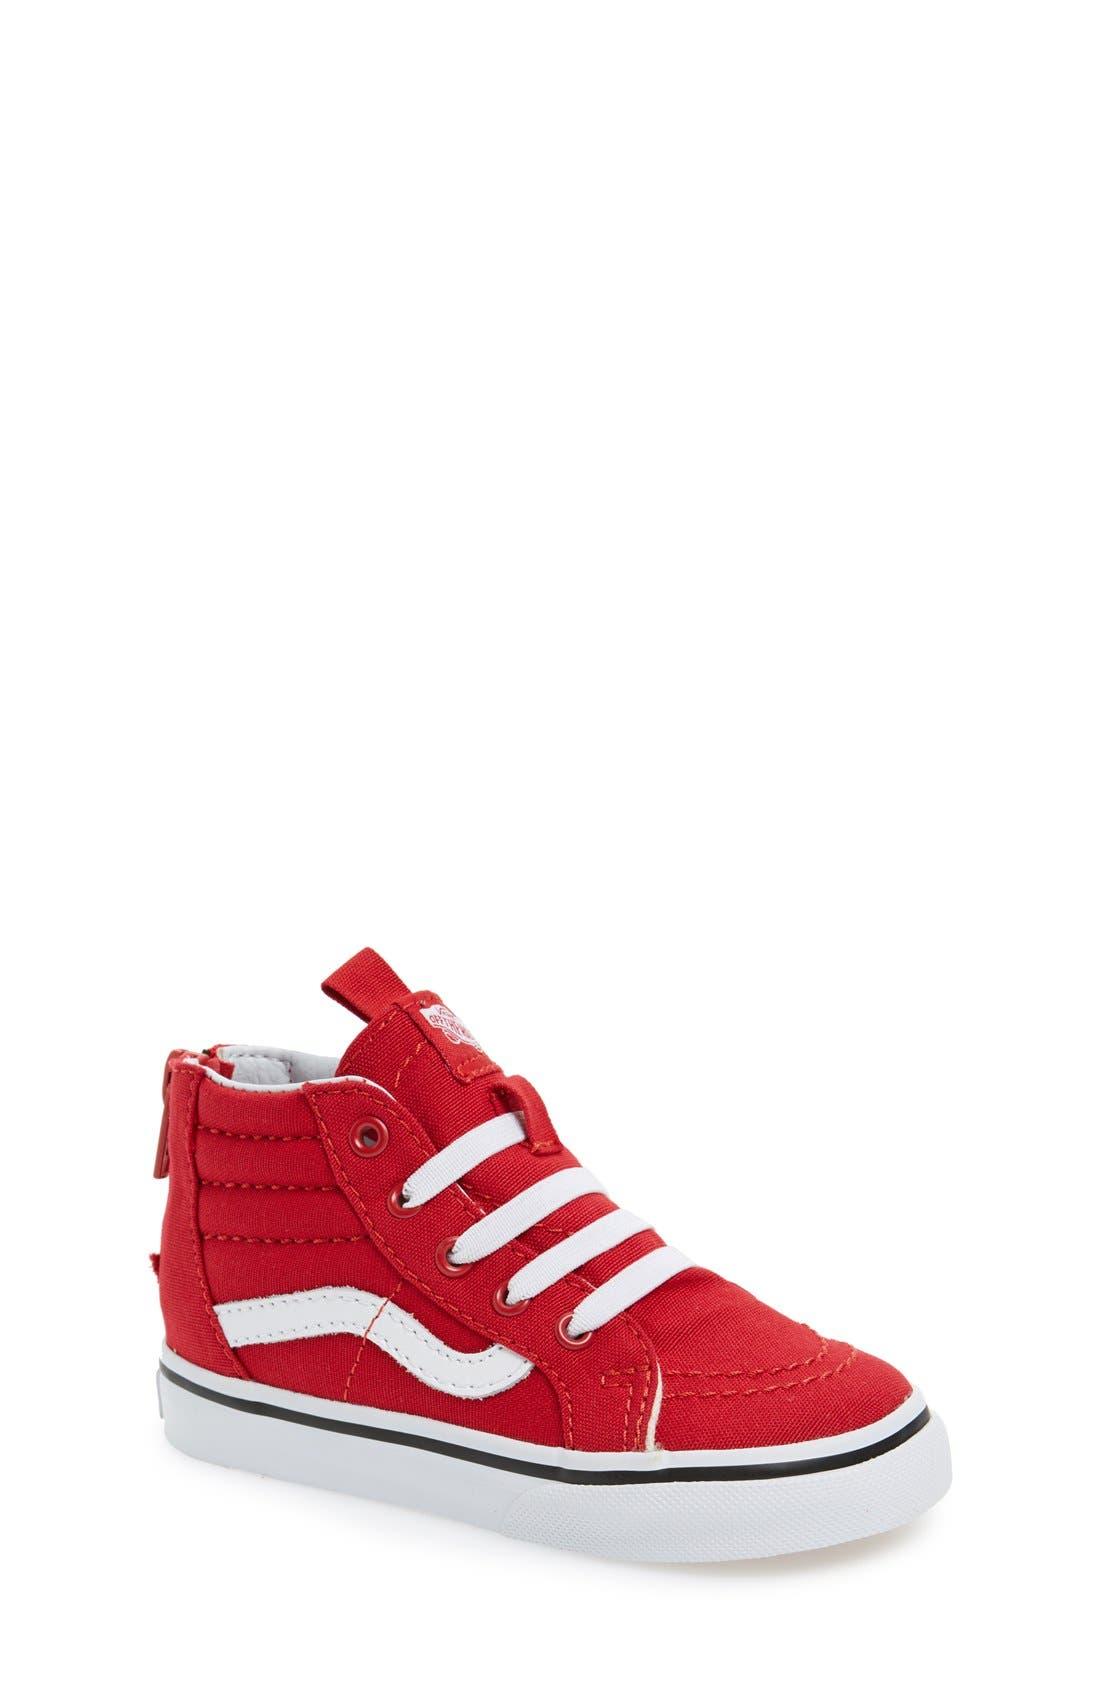 Vans 'Sk8-Hi' Zip Sneaker (Baby, Walker, Toddler, Little Kid & Big Kid)